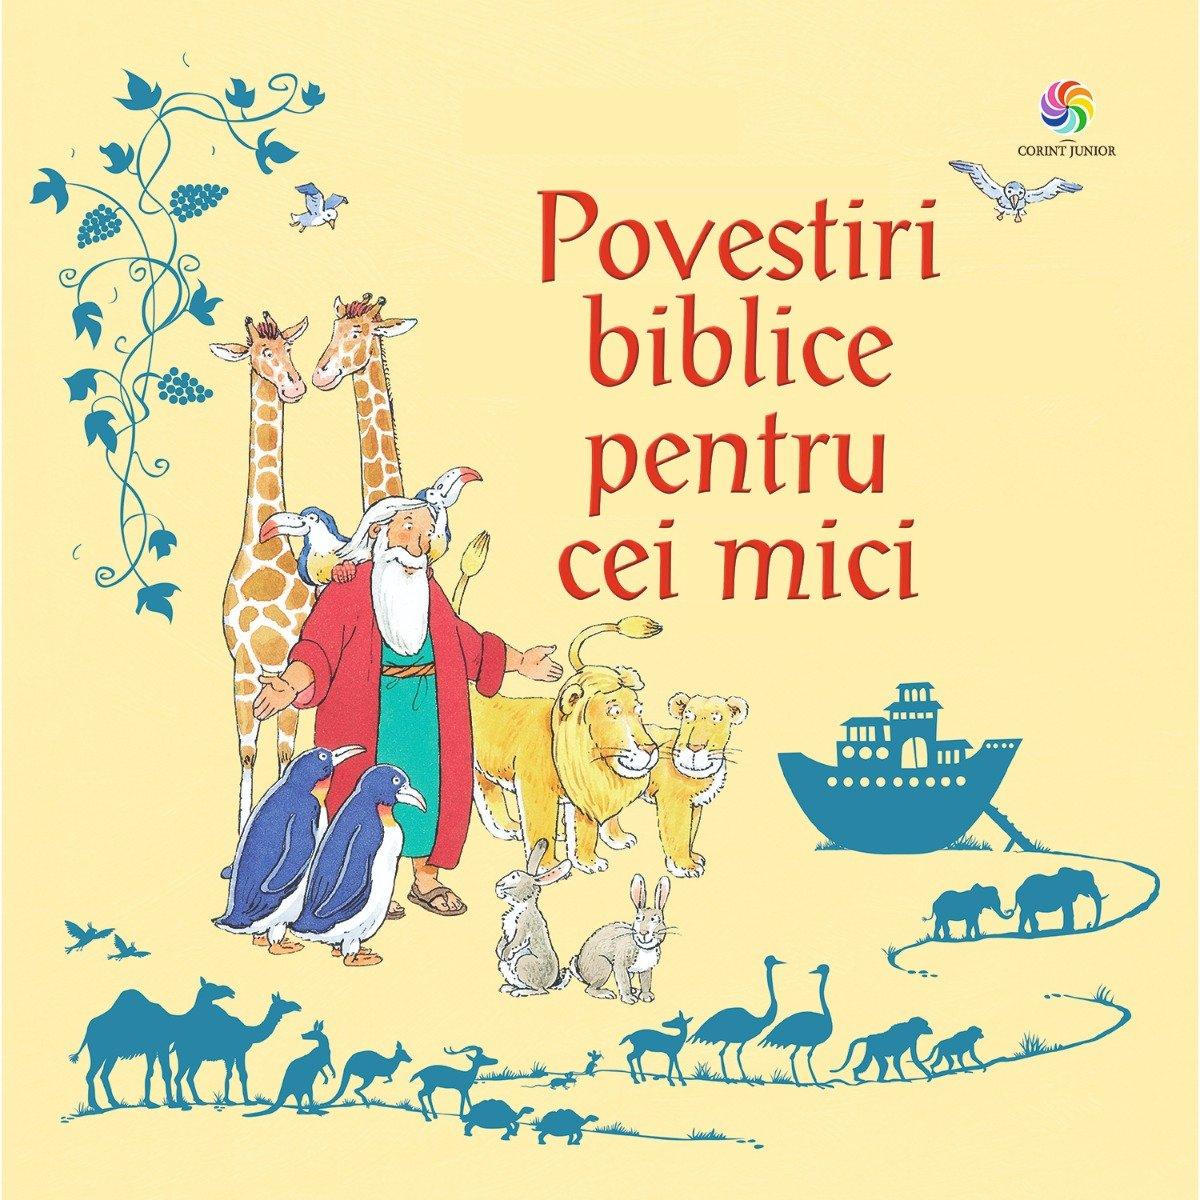 Carte Editura Corint, Povestiri biblice pentru cei mici, repovestite de Louie Stowell imagine